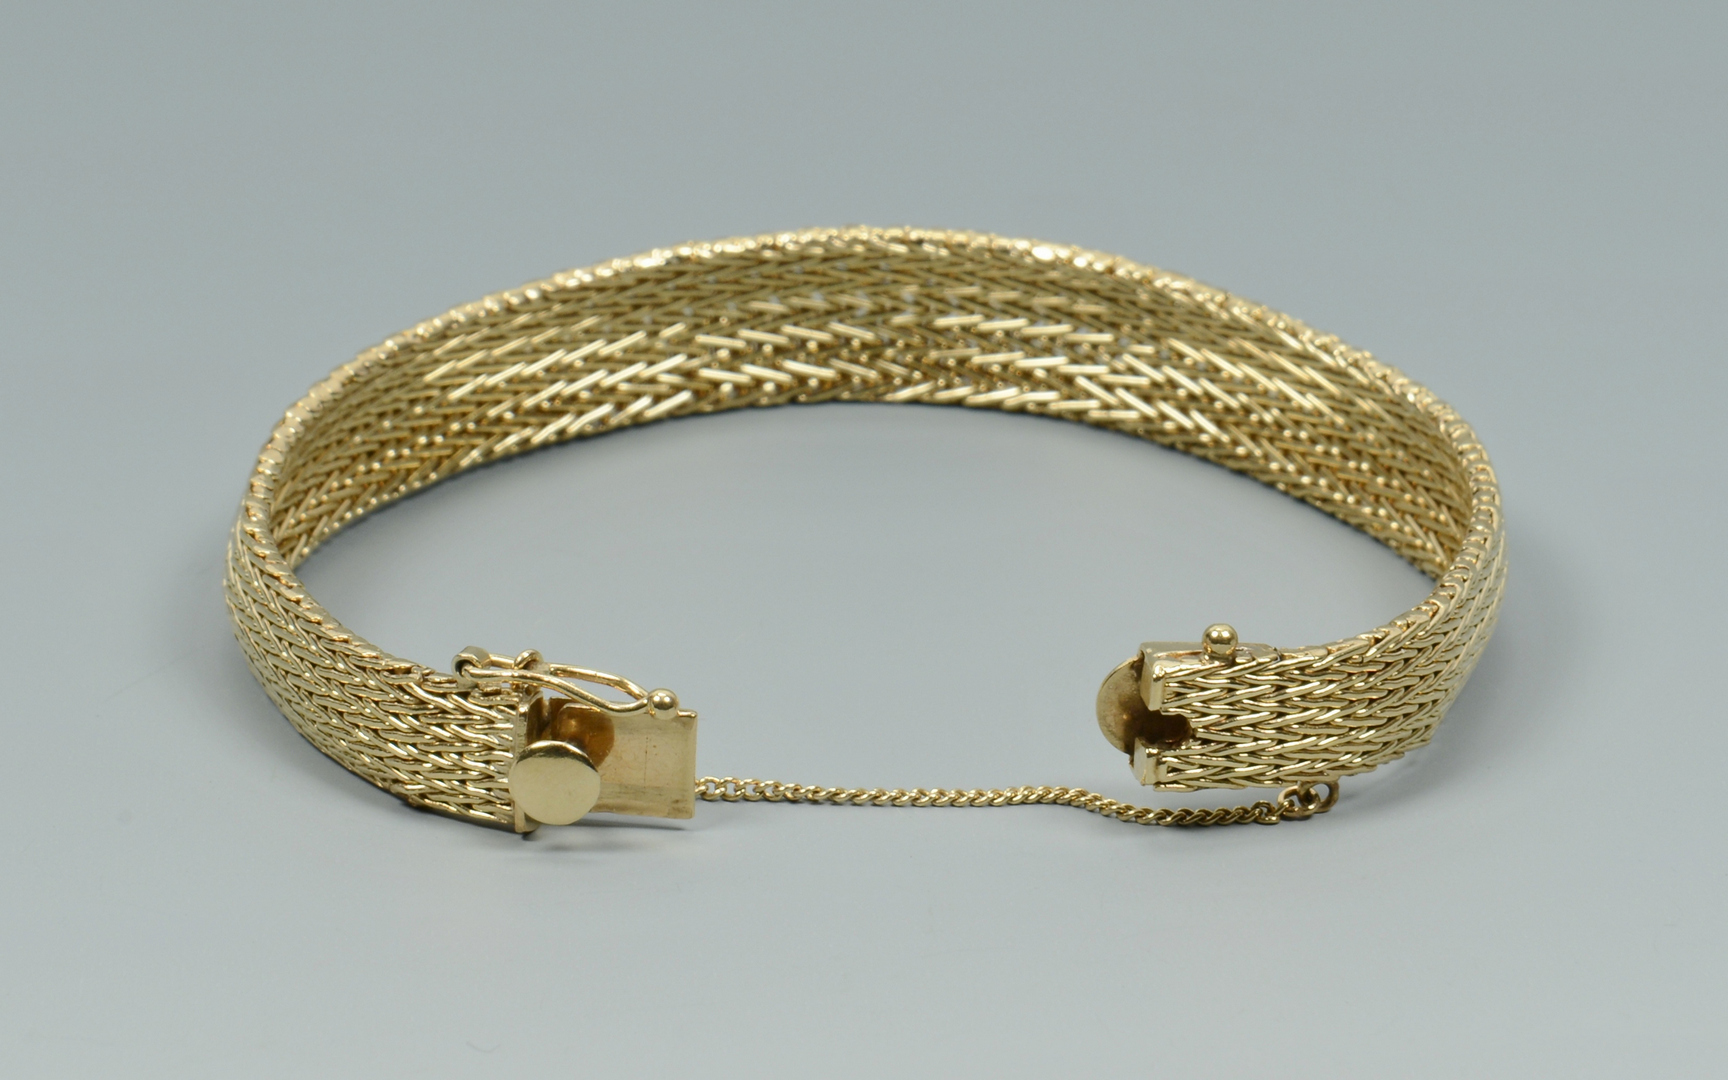 Lot 3088058: 14k Mesh Link Bracelet